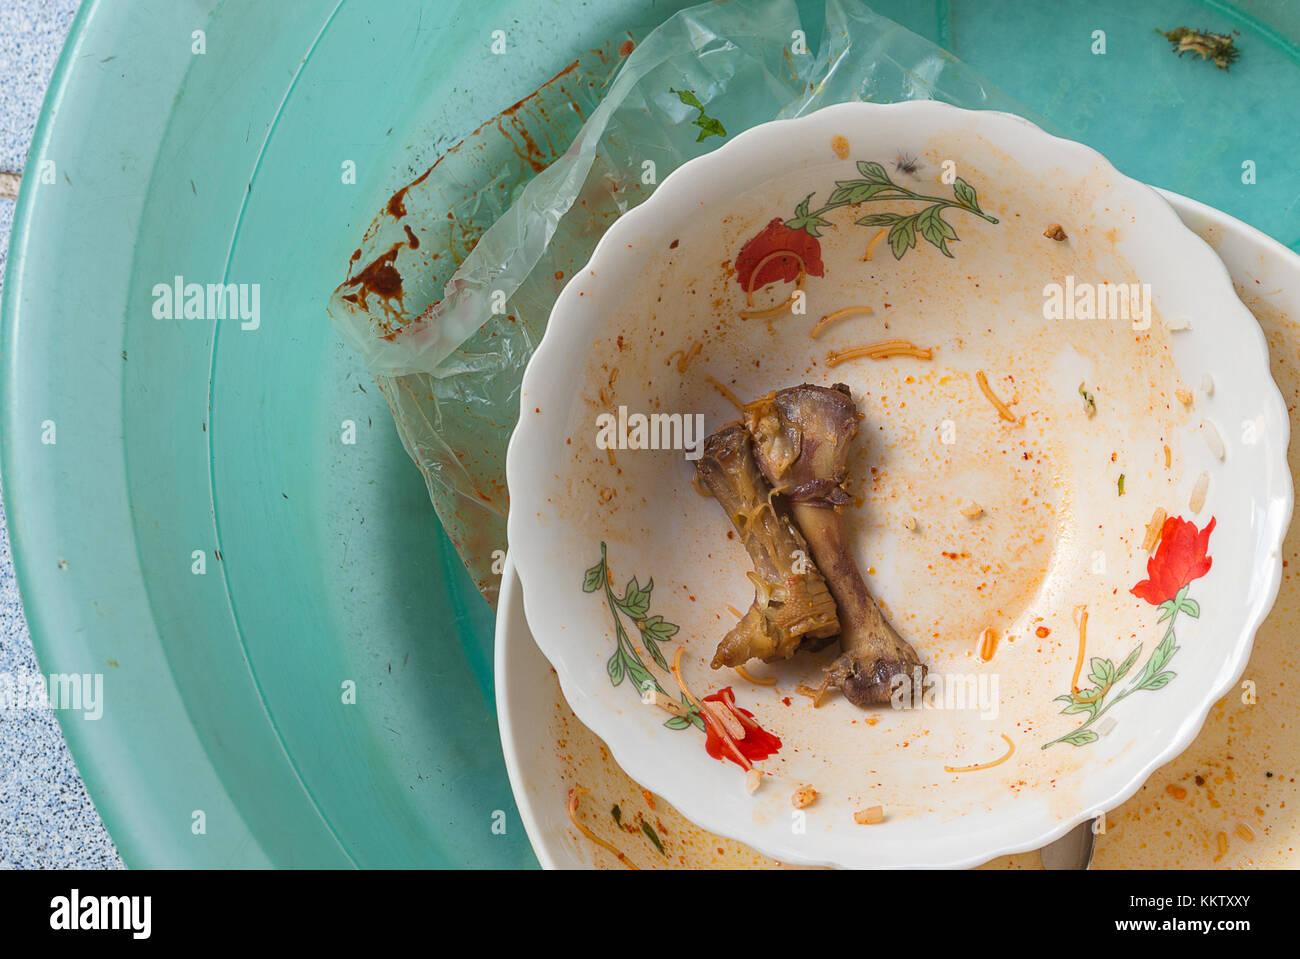 Geschirrspulen Gerichte Einweichen In Der Kuchenspule Kunststoff